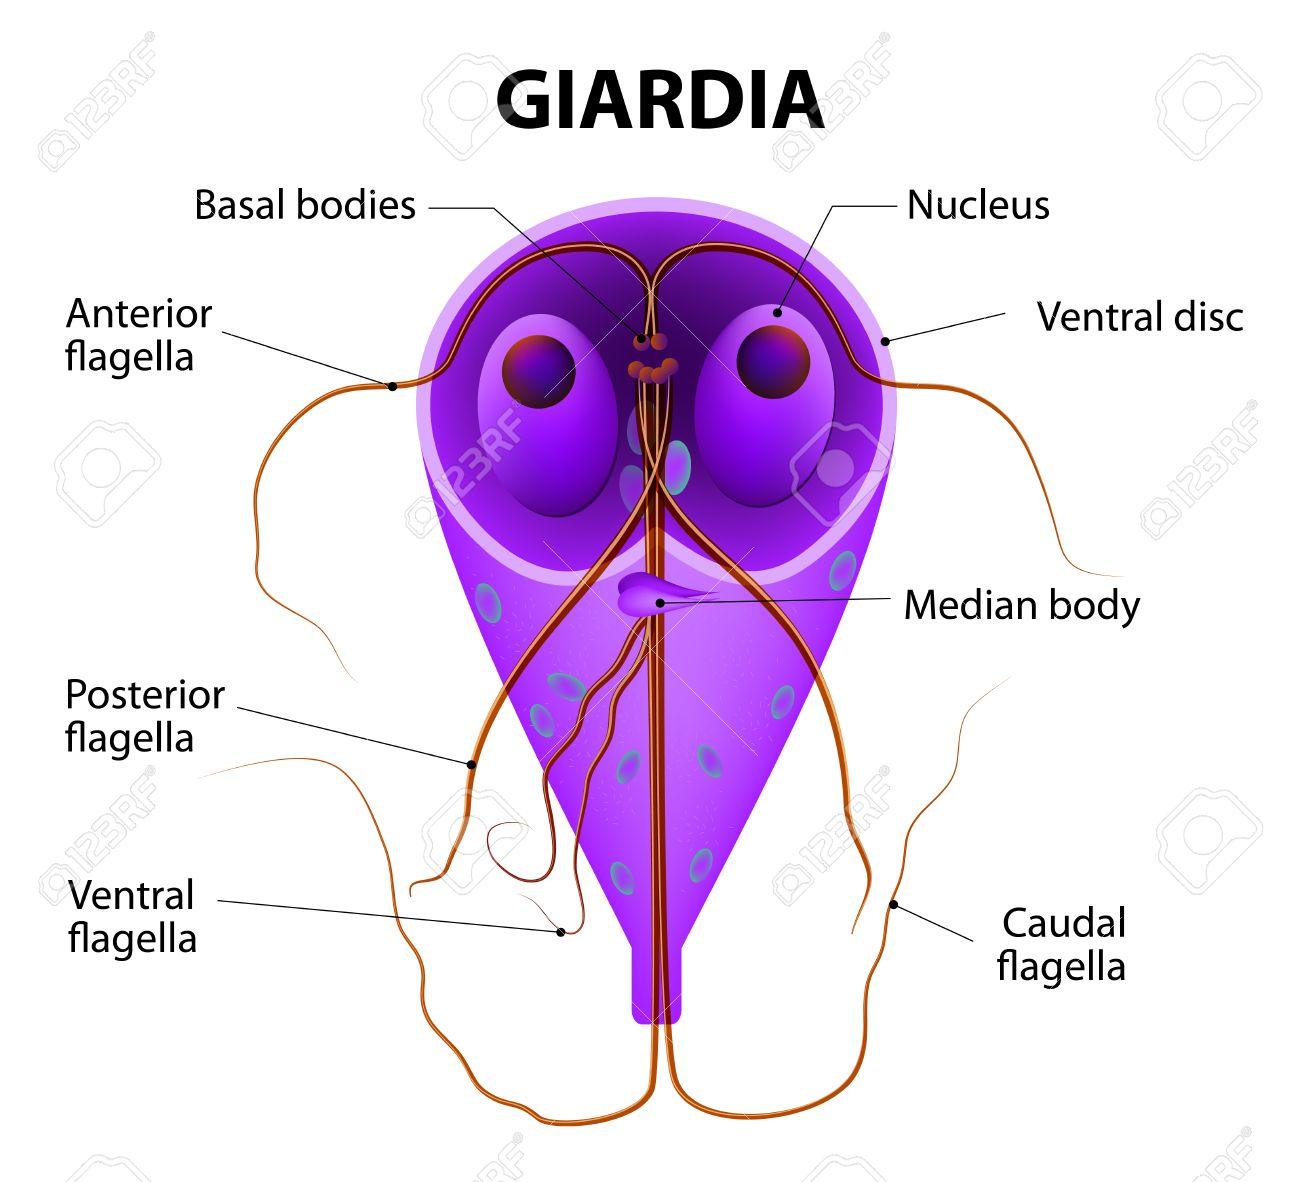 giardia lamblia képek hpv szemölcsök baba